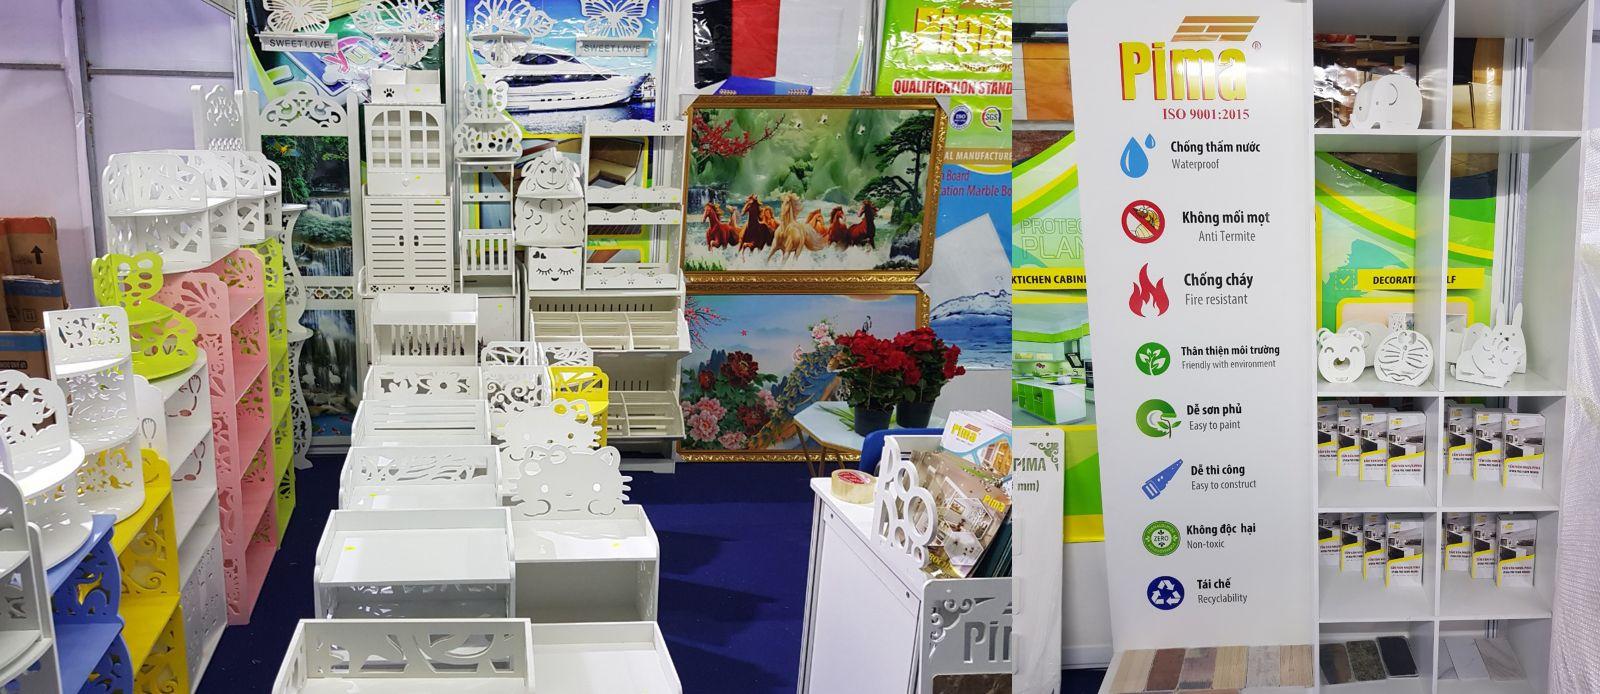 Hội chợ VietBuild 2019 - Mua sắm nội thất cho ngôi nhà của bạn